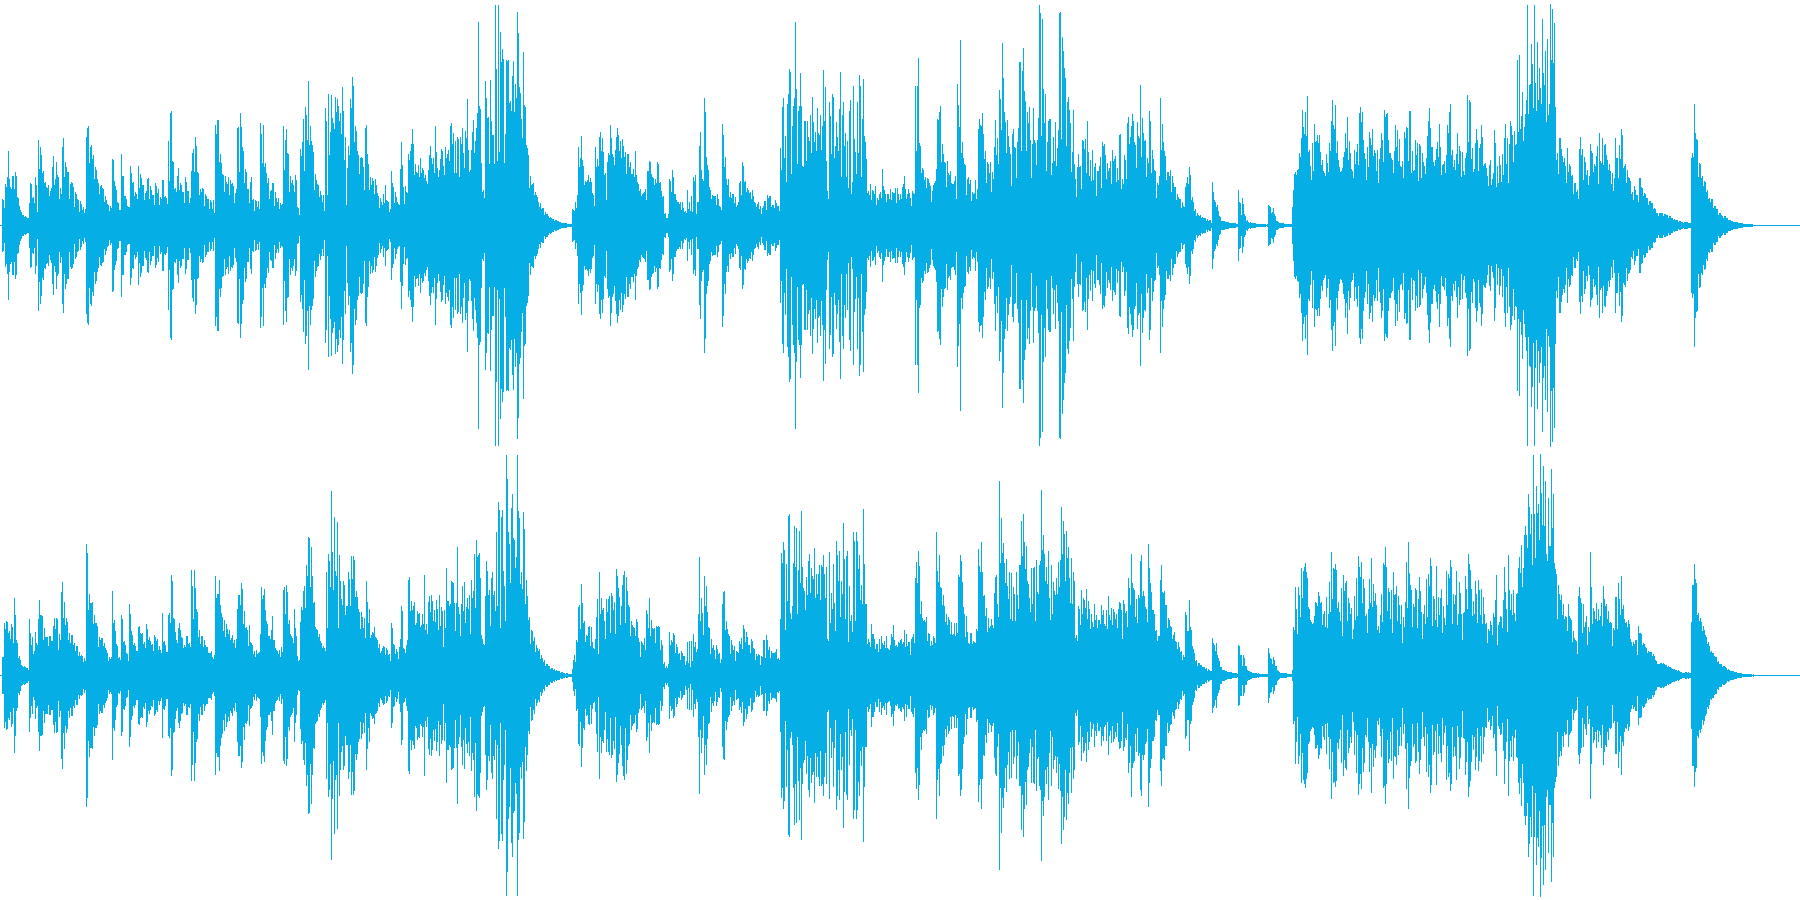 静かで幻想的なE・ピアノの曲の再生済みの波形